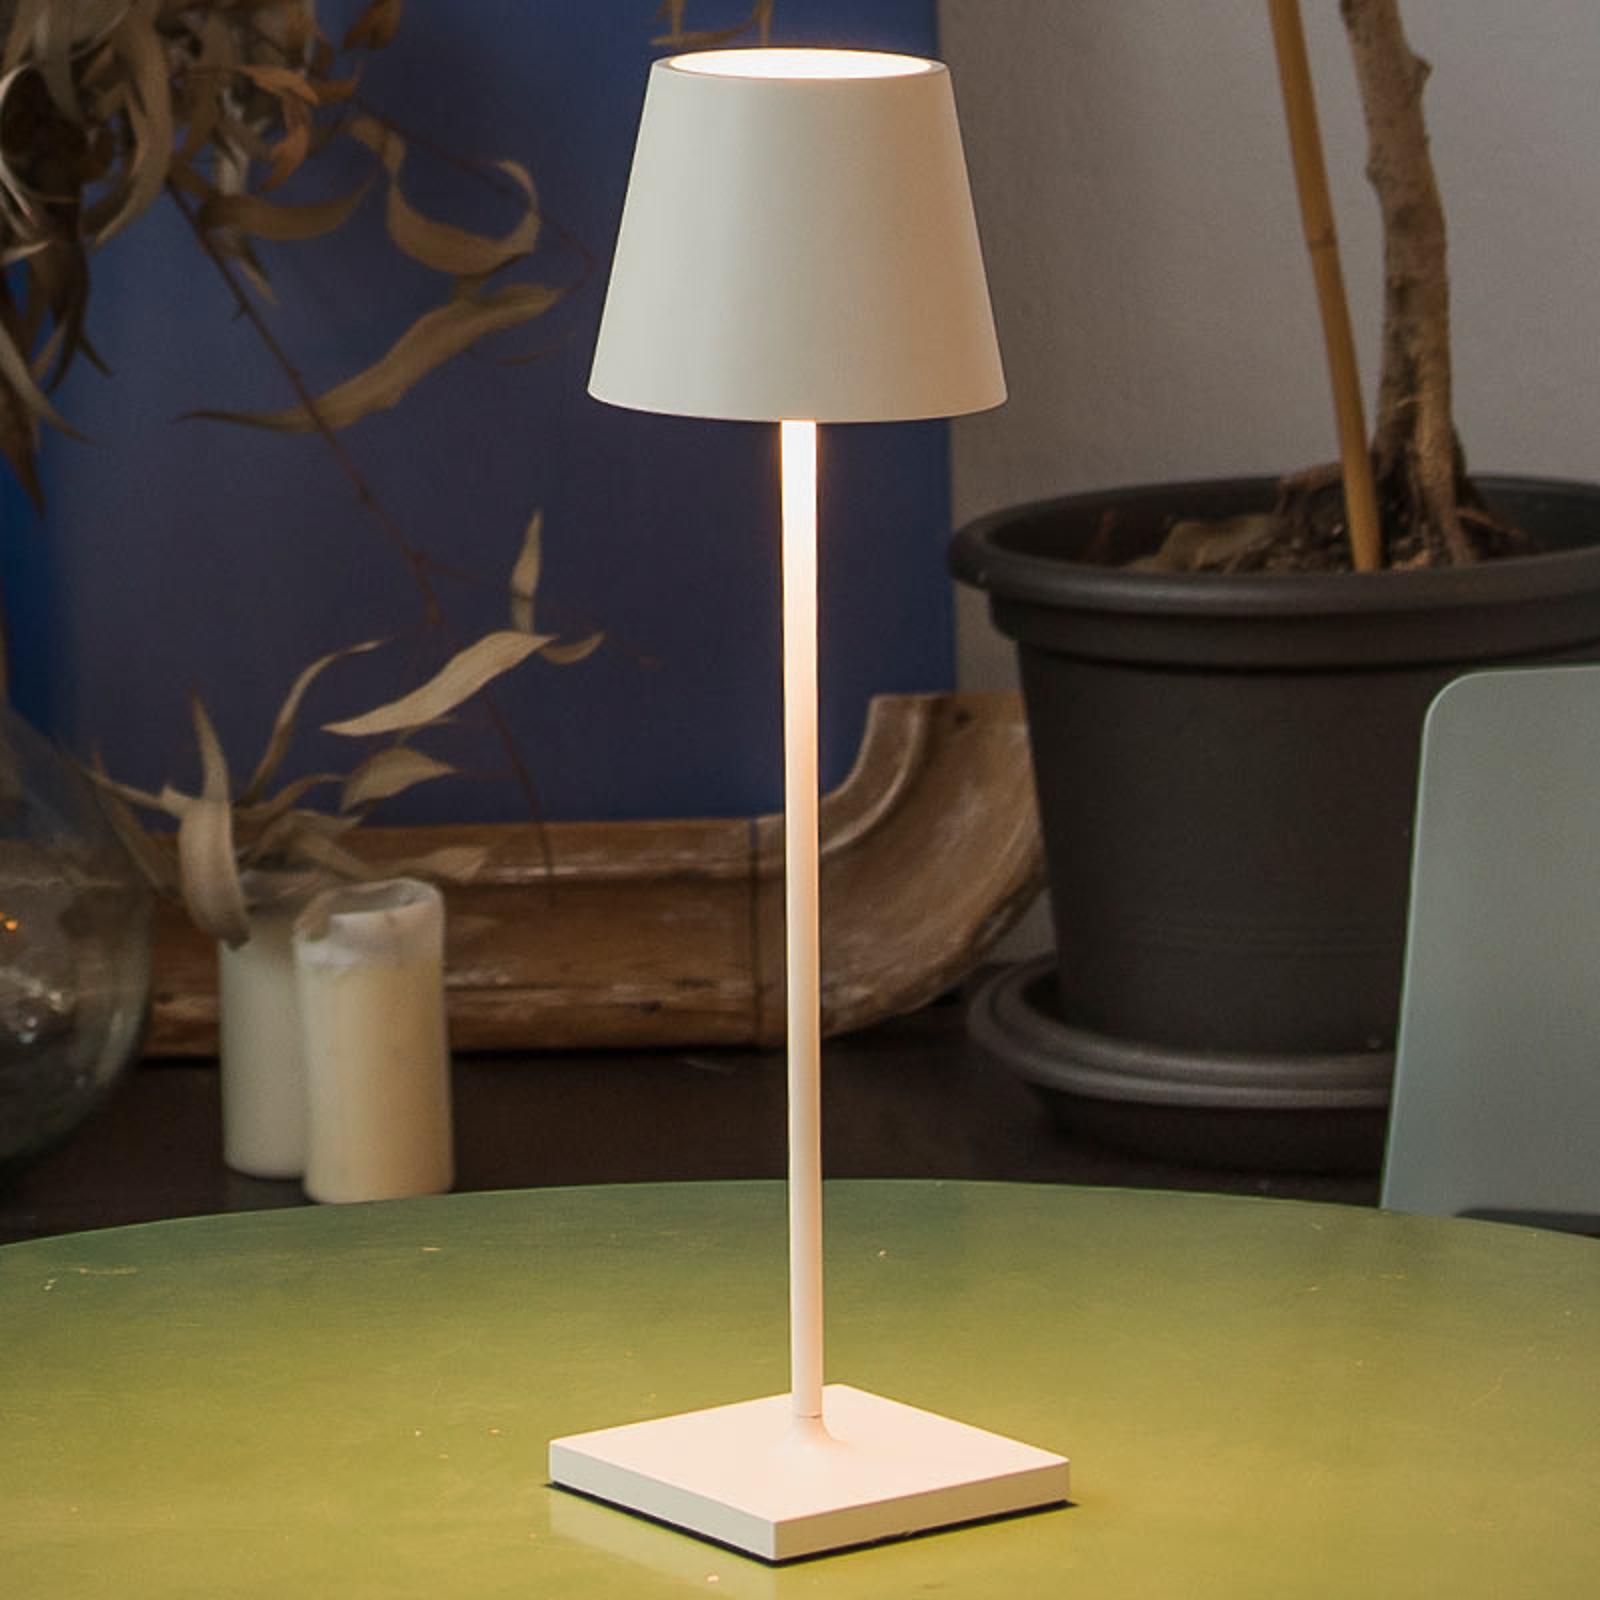 Toc LED-bordlampe med USB-lader, IP54